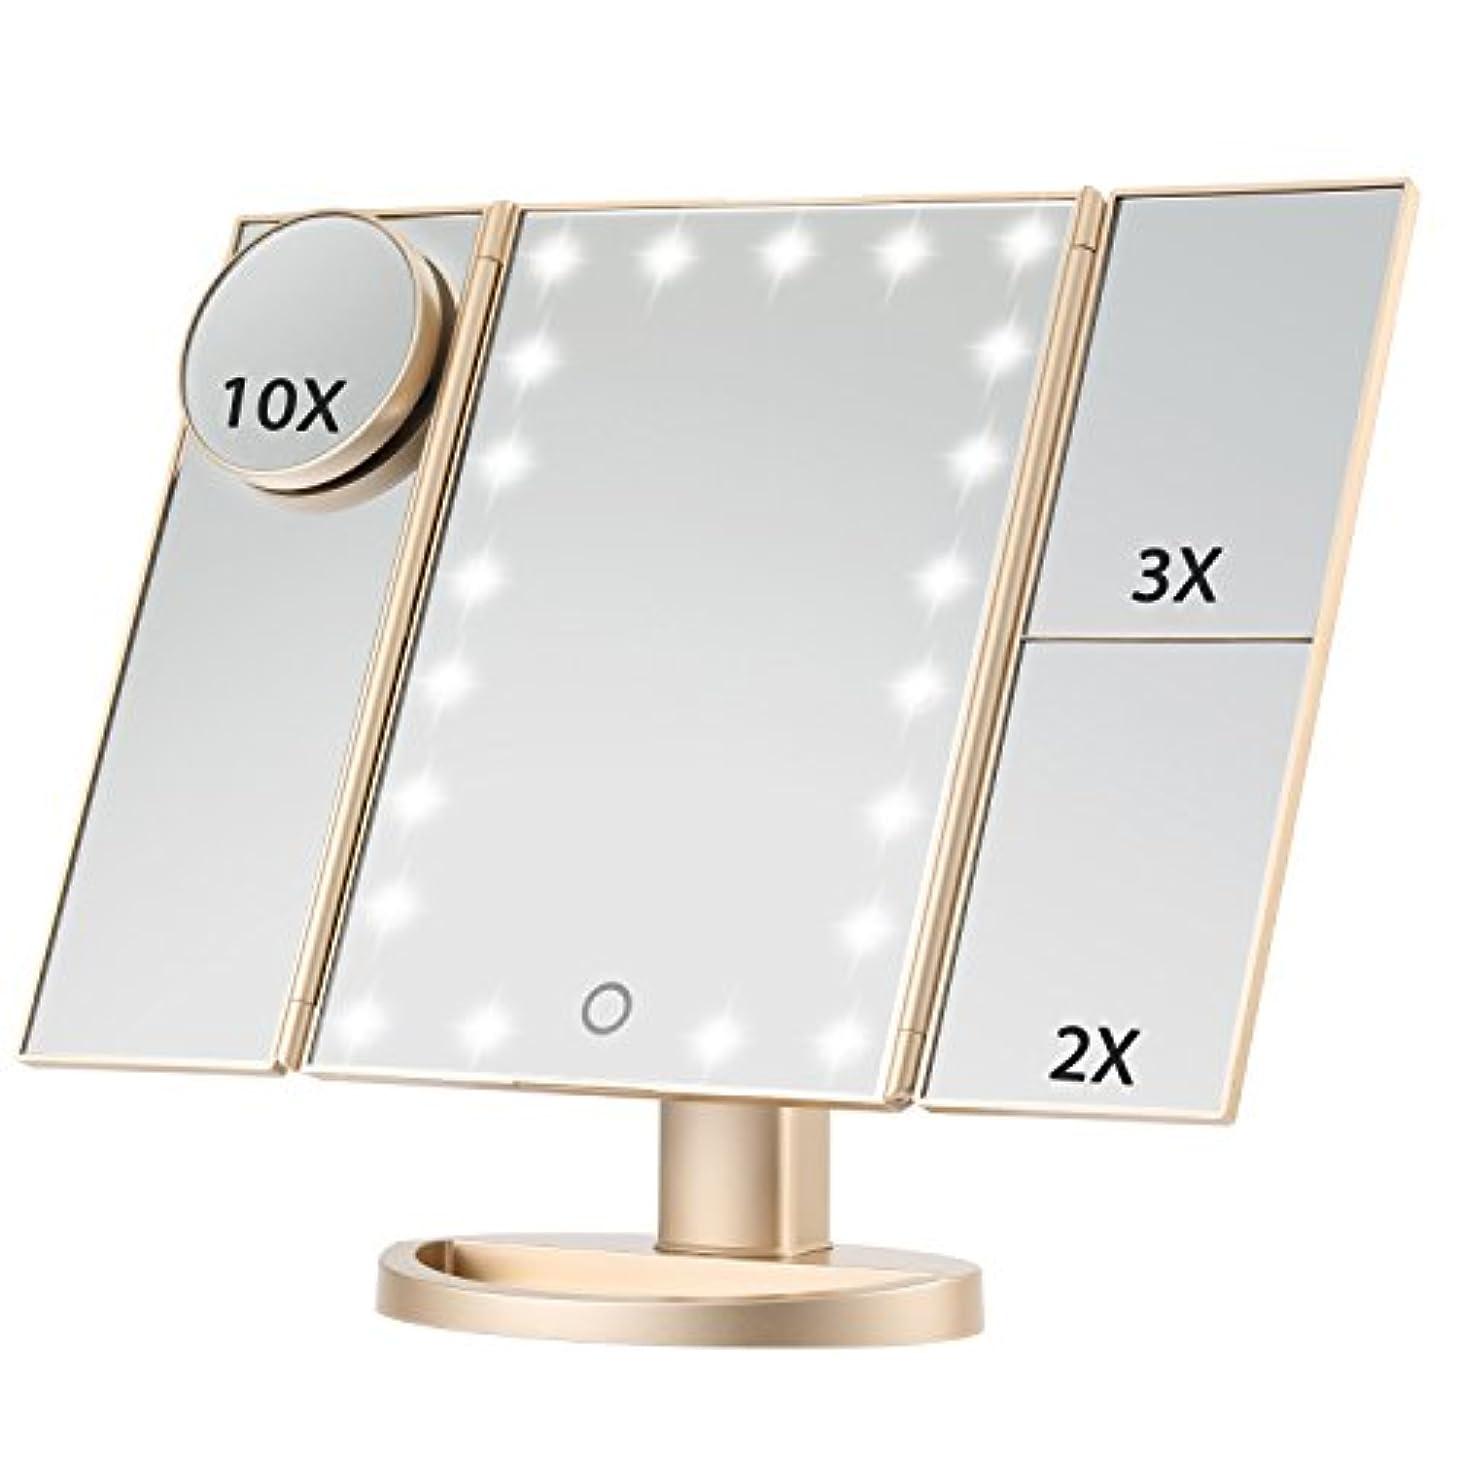 メンタル維持悲観主義者Magicfly 化粧鏡 LED三面鏡 ミラー 折り畳み式 10X /3X/2X拡大鏡付き 明るさ調節可能180°回転 電池/USB 2WAY給電 (ゴルード)